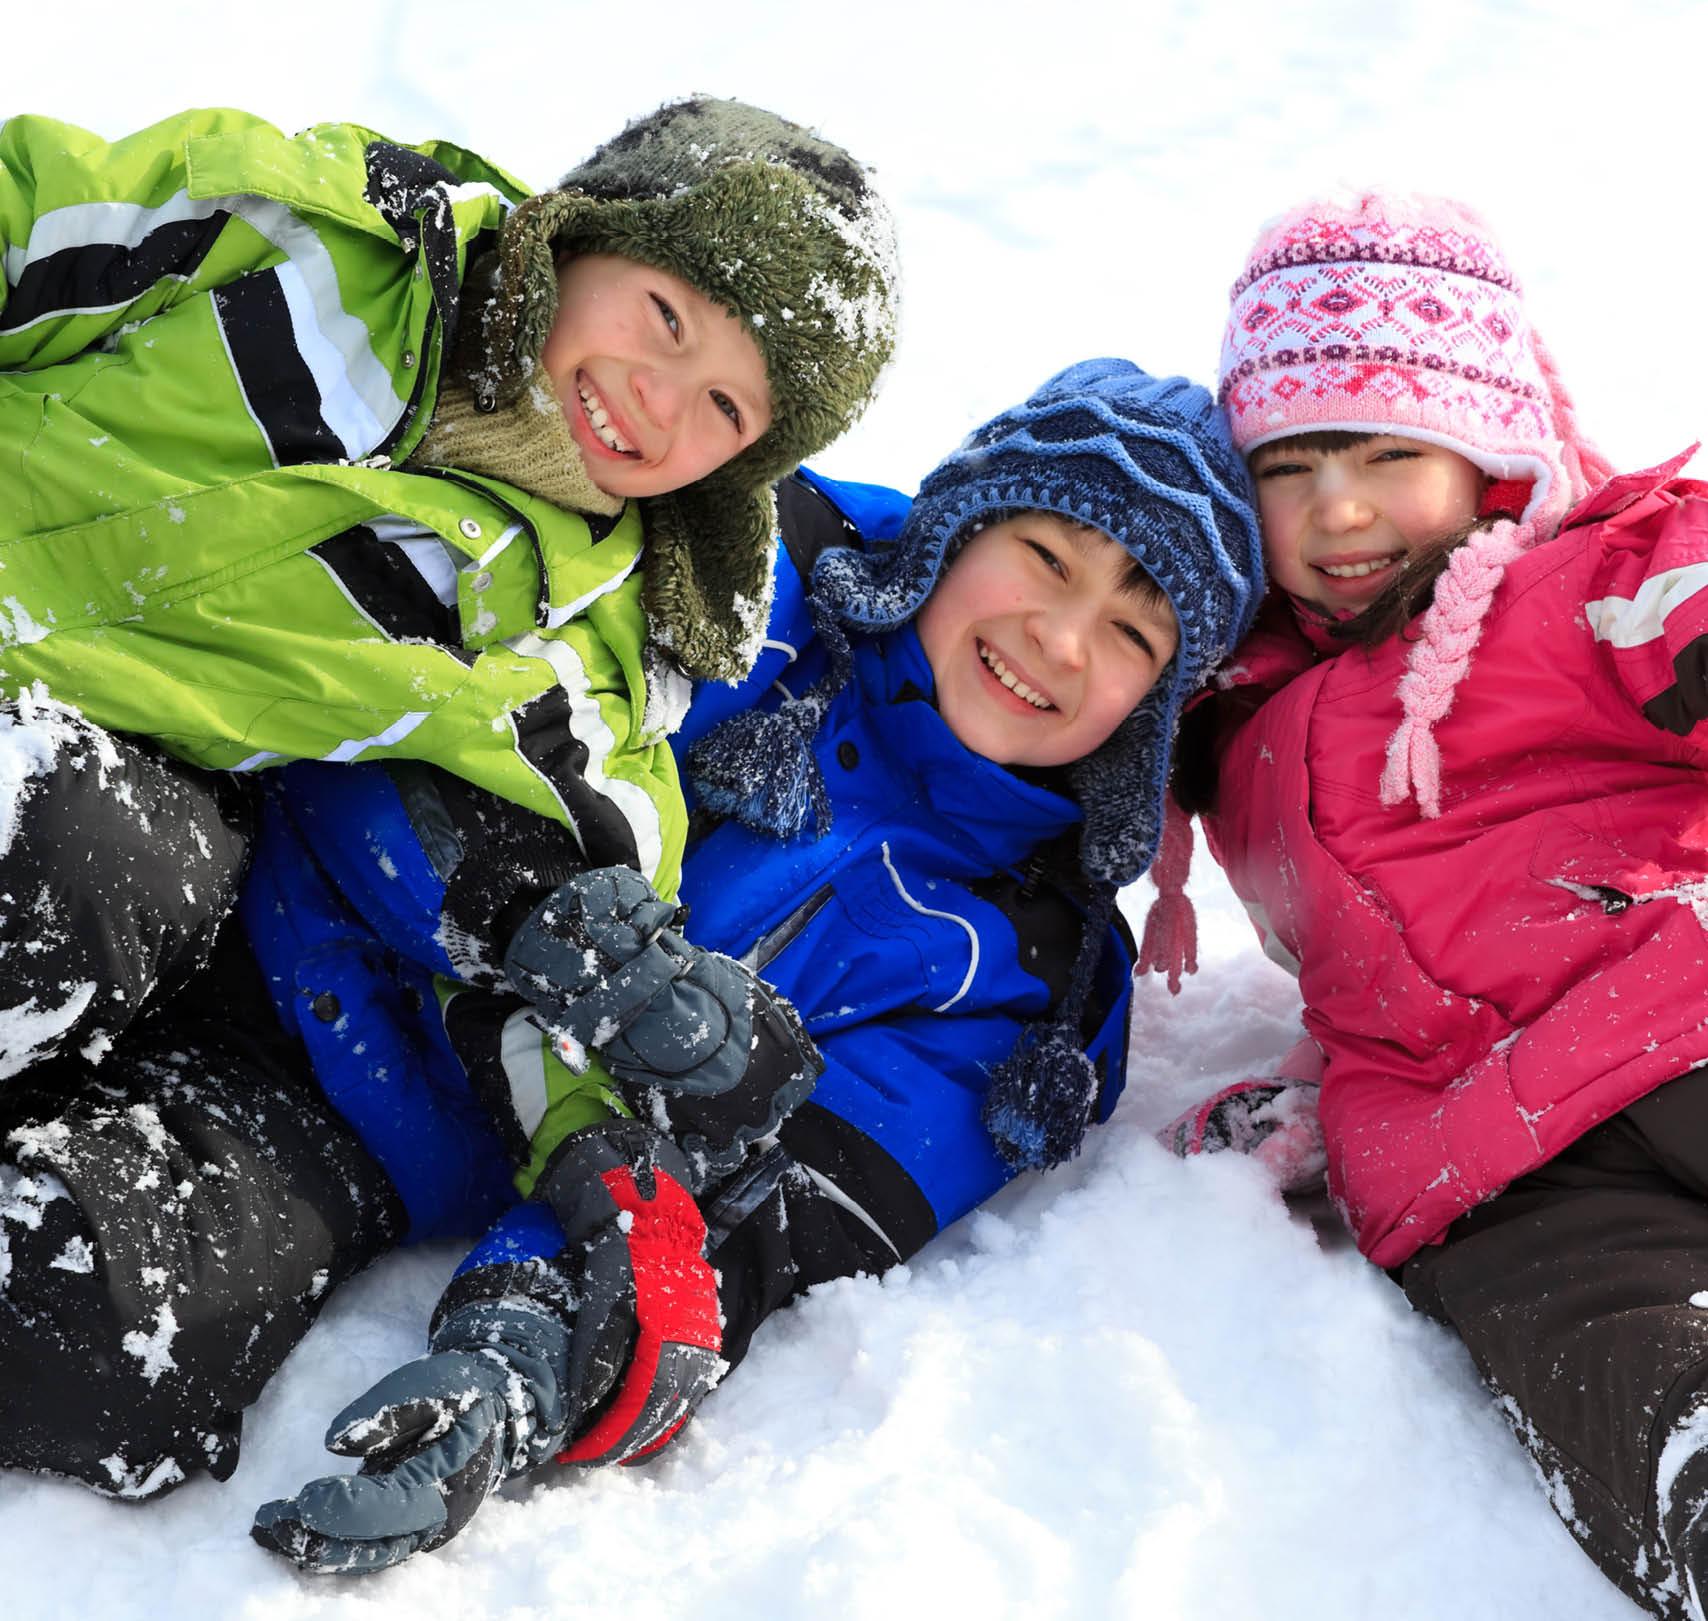 afton alps ski rental prices